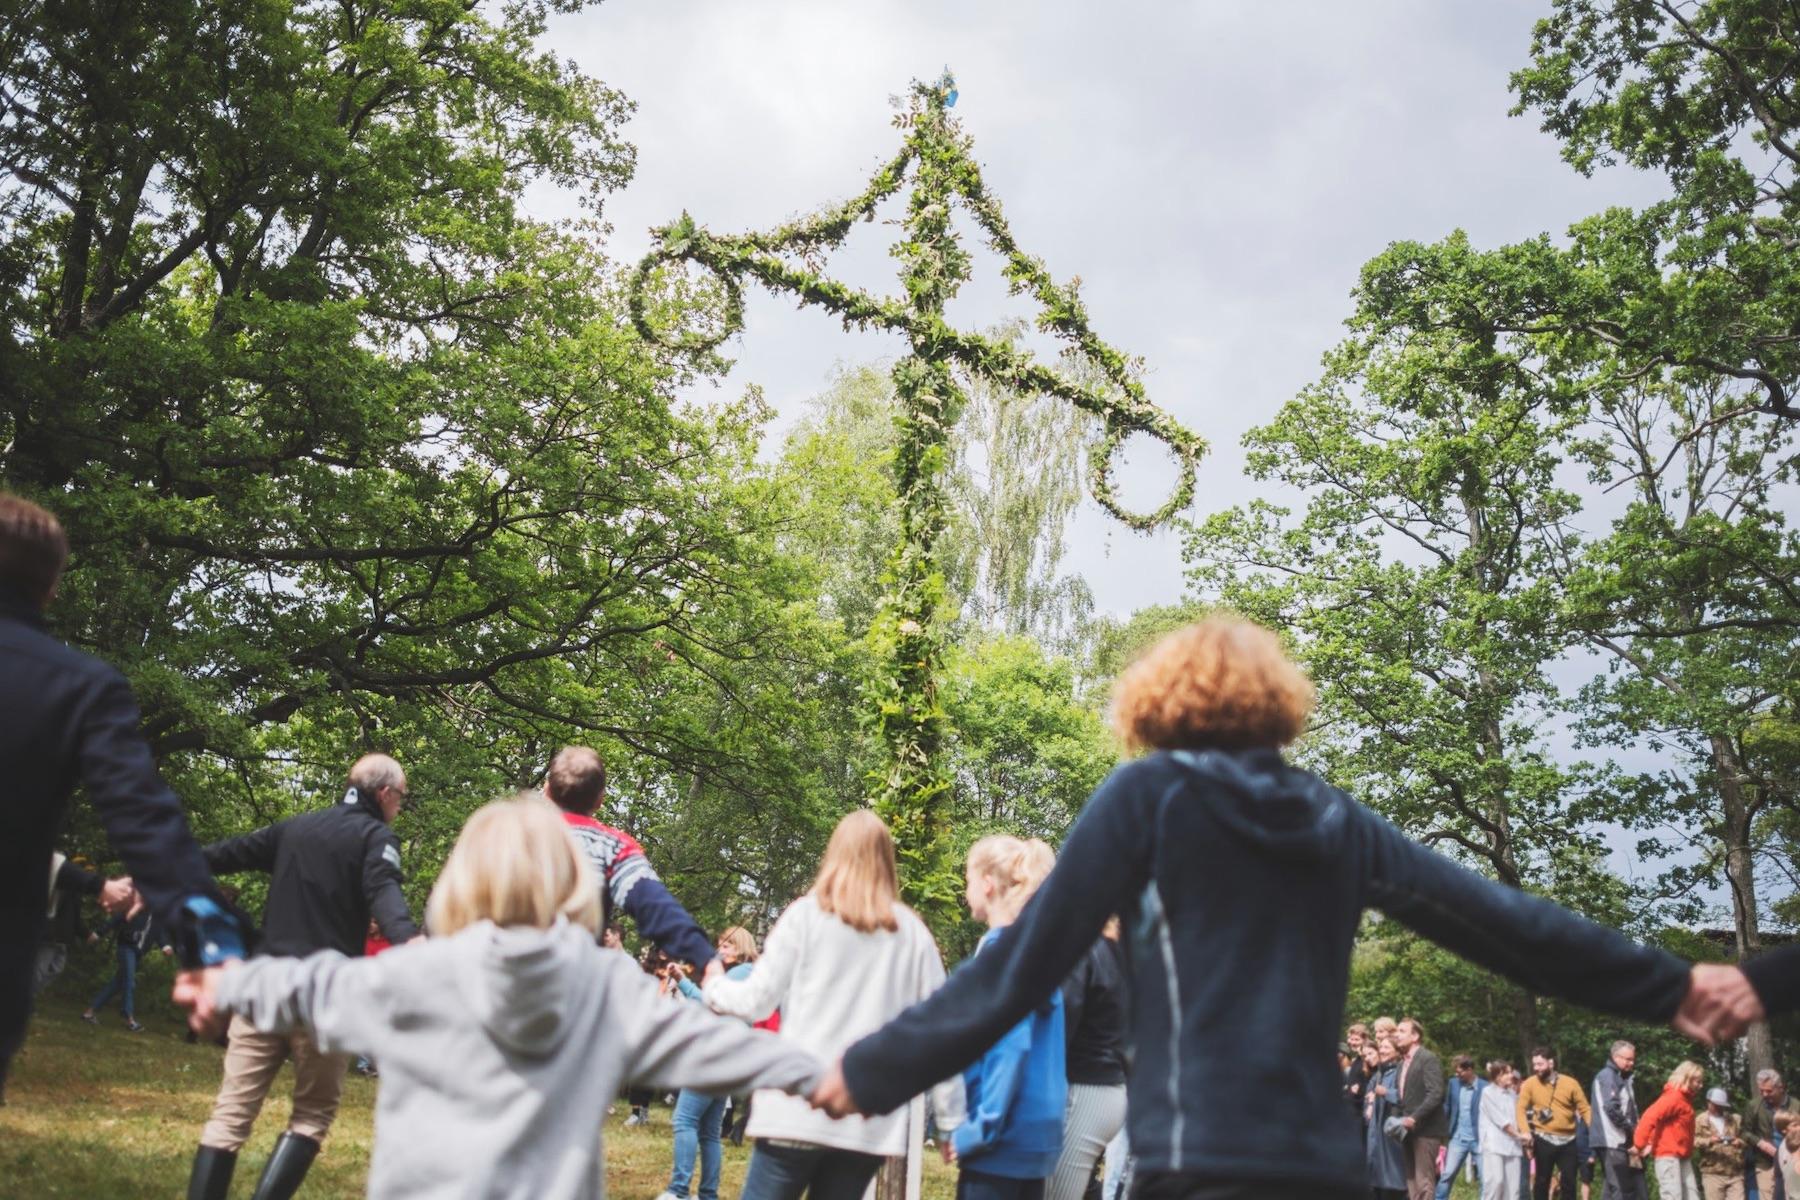 スウェーデンの夏至祭、ミッドサマー。夏の到来を祝う伝統的なお祭りをご紹介